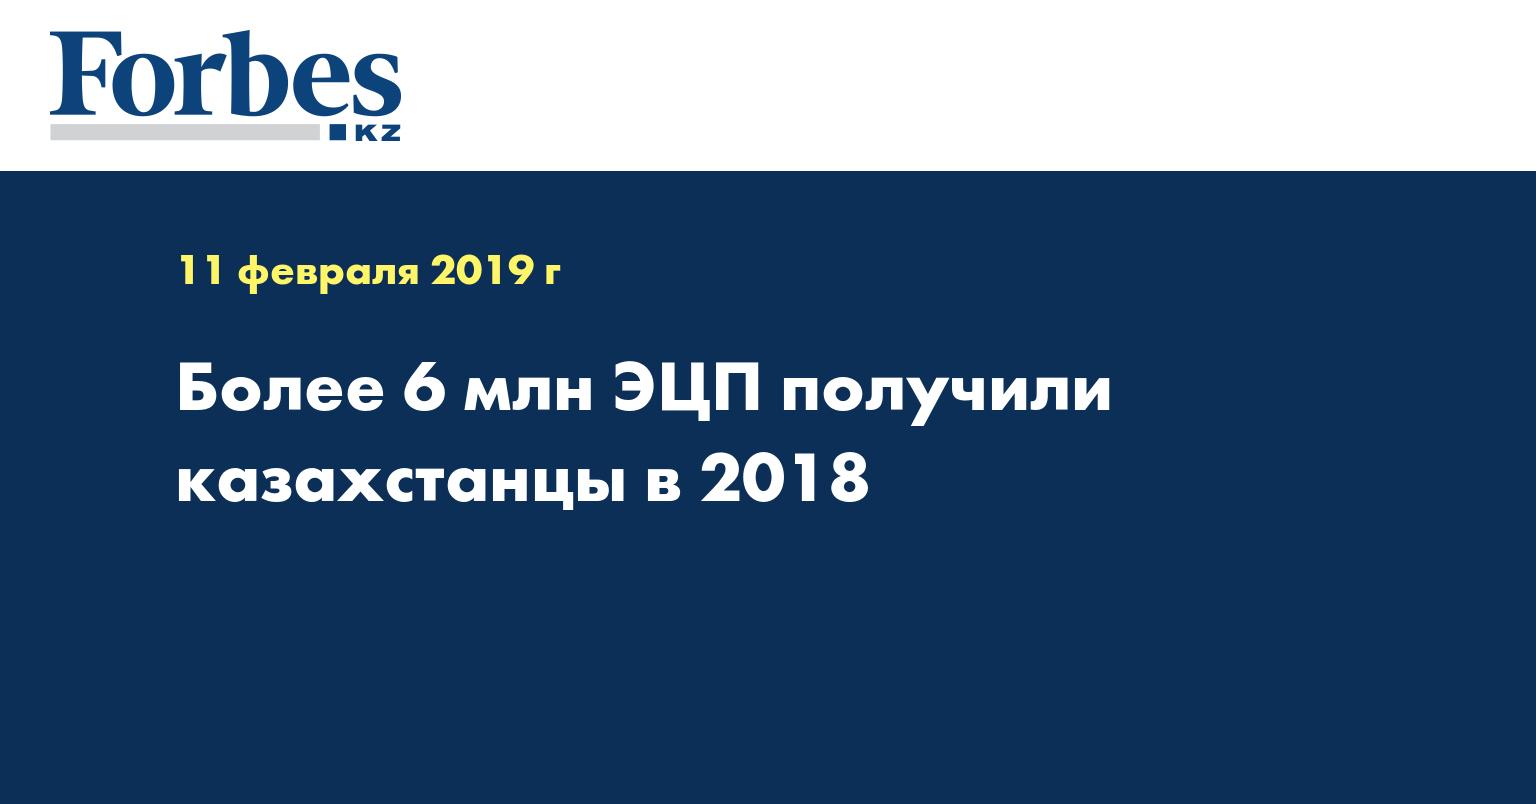 Более 6 млн ЭЦП получили казахстанцы в 2018